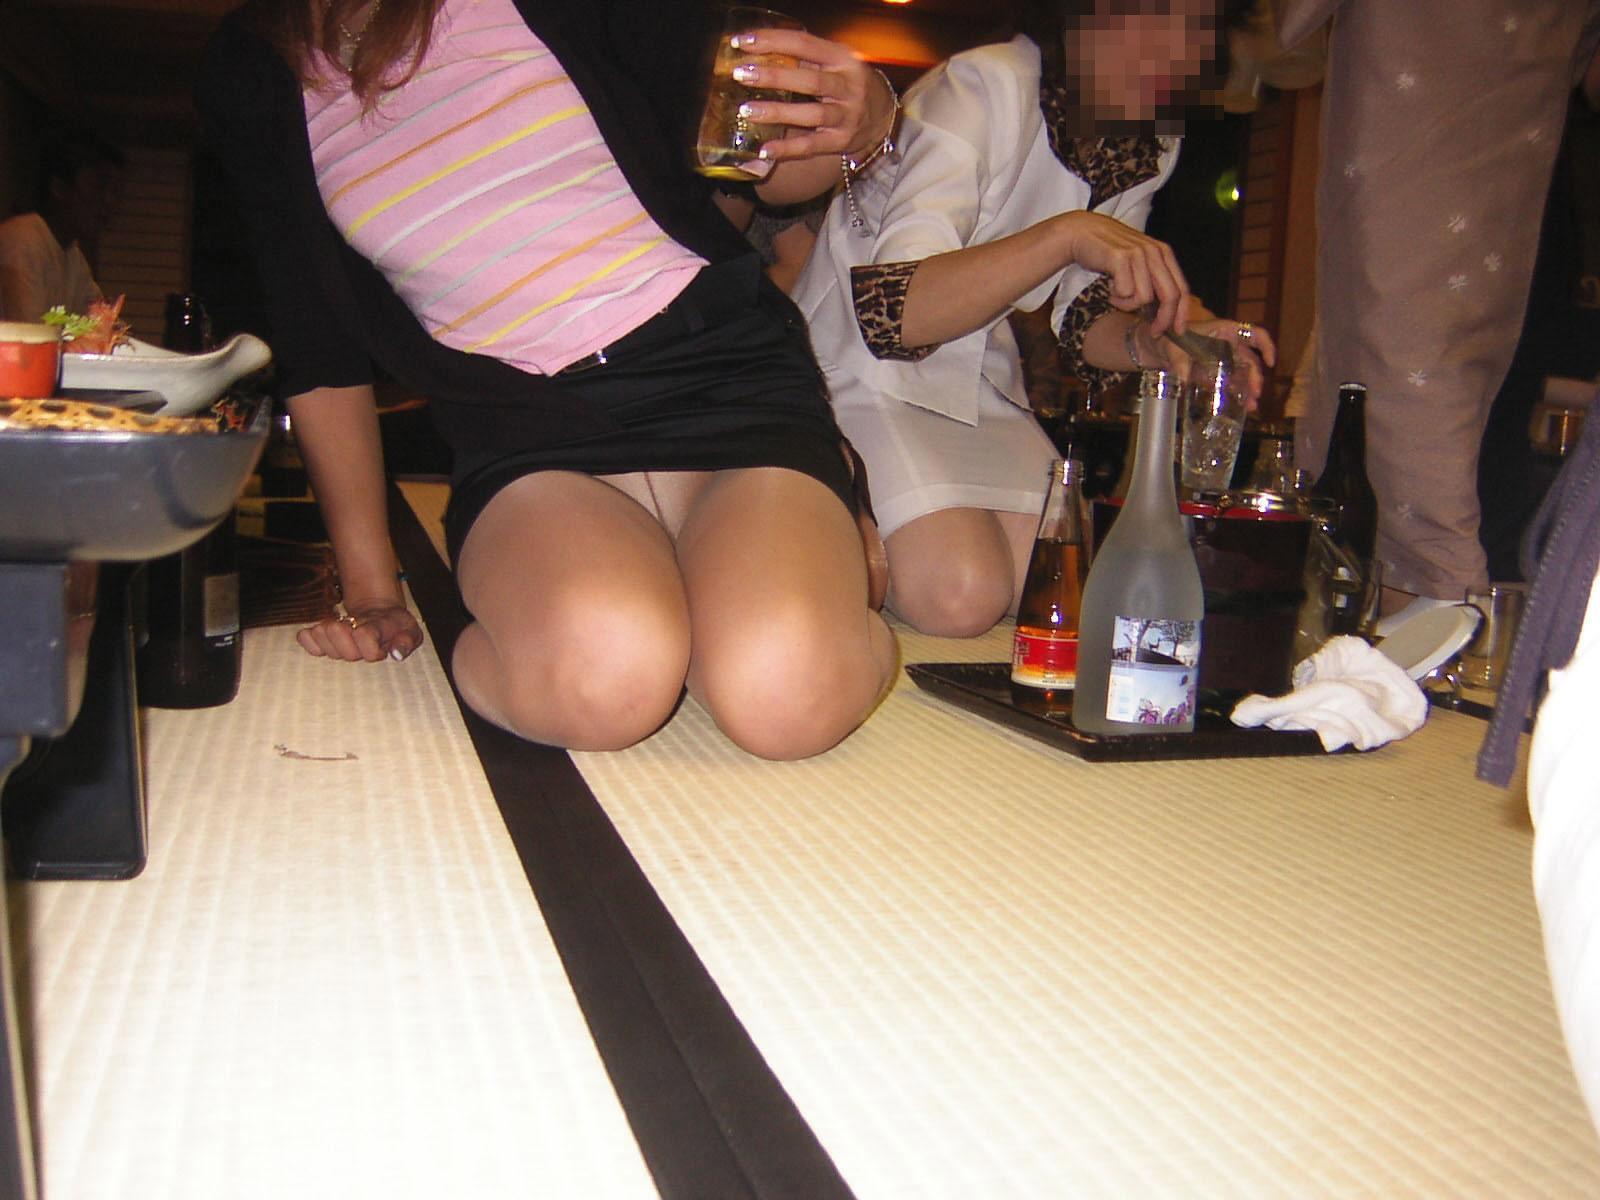 【悪ノリエロ画像】出張の夜の密かな楽しみ…ピンクコンパニオン呼んで無礼講(*´Д`)